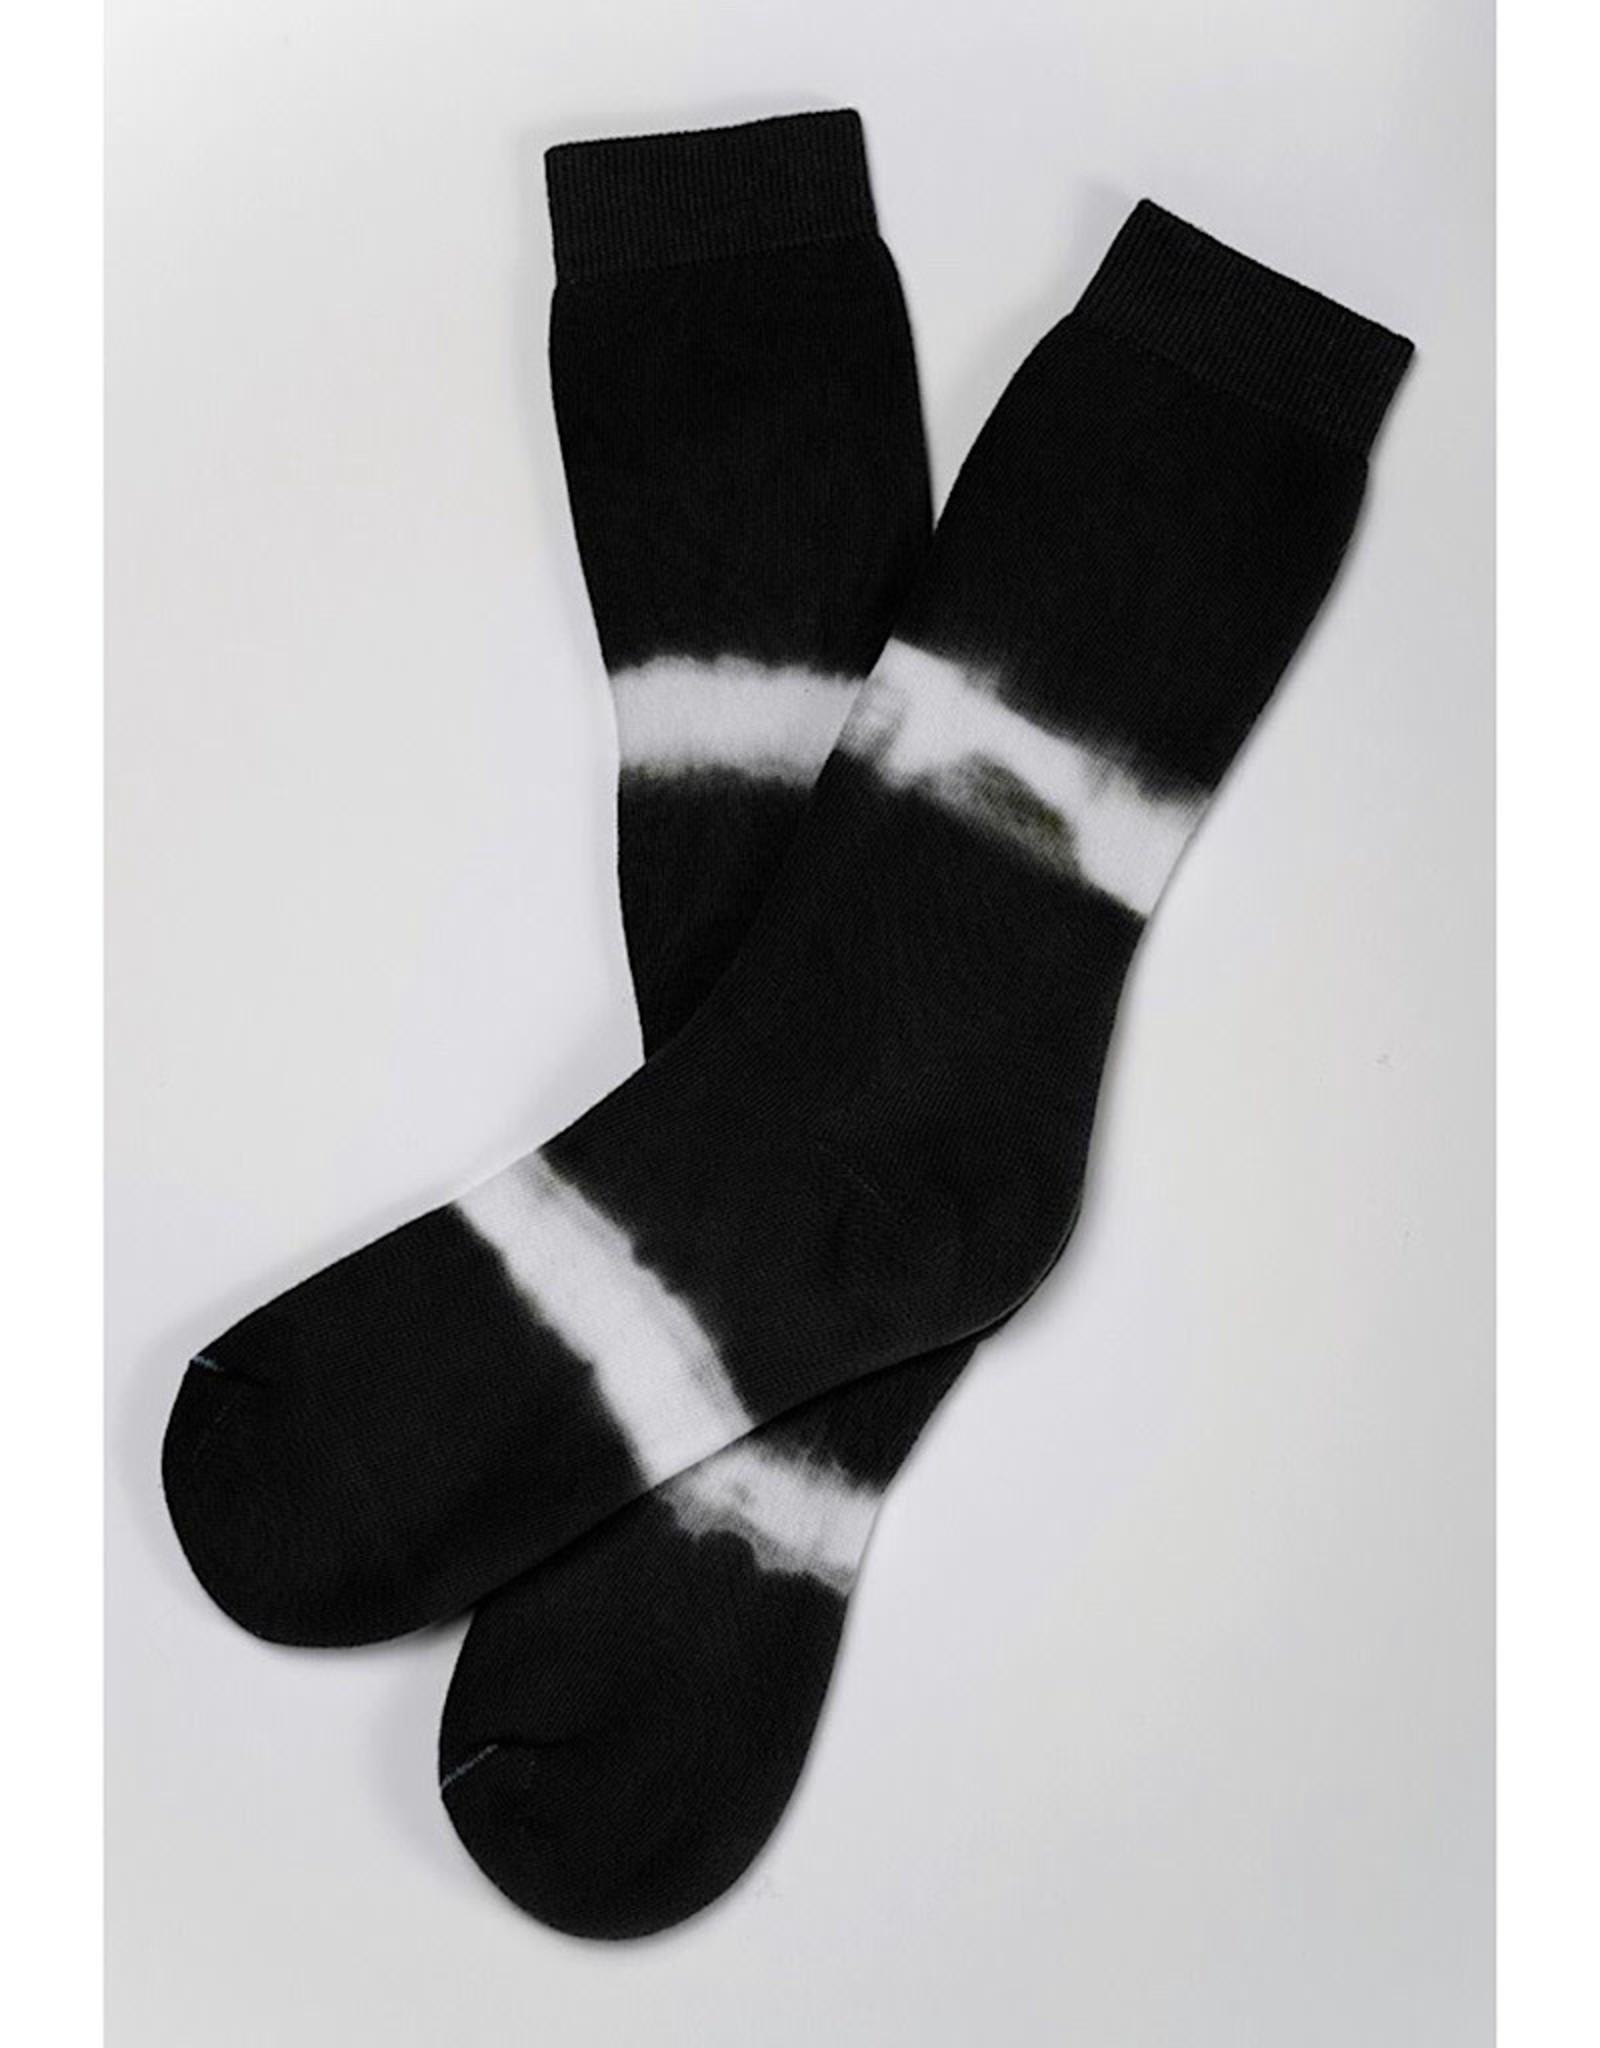 Pima Socks Terry Tie Dye